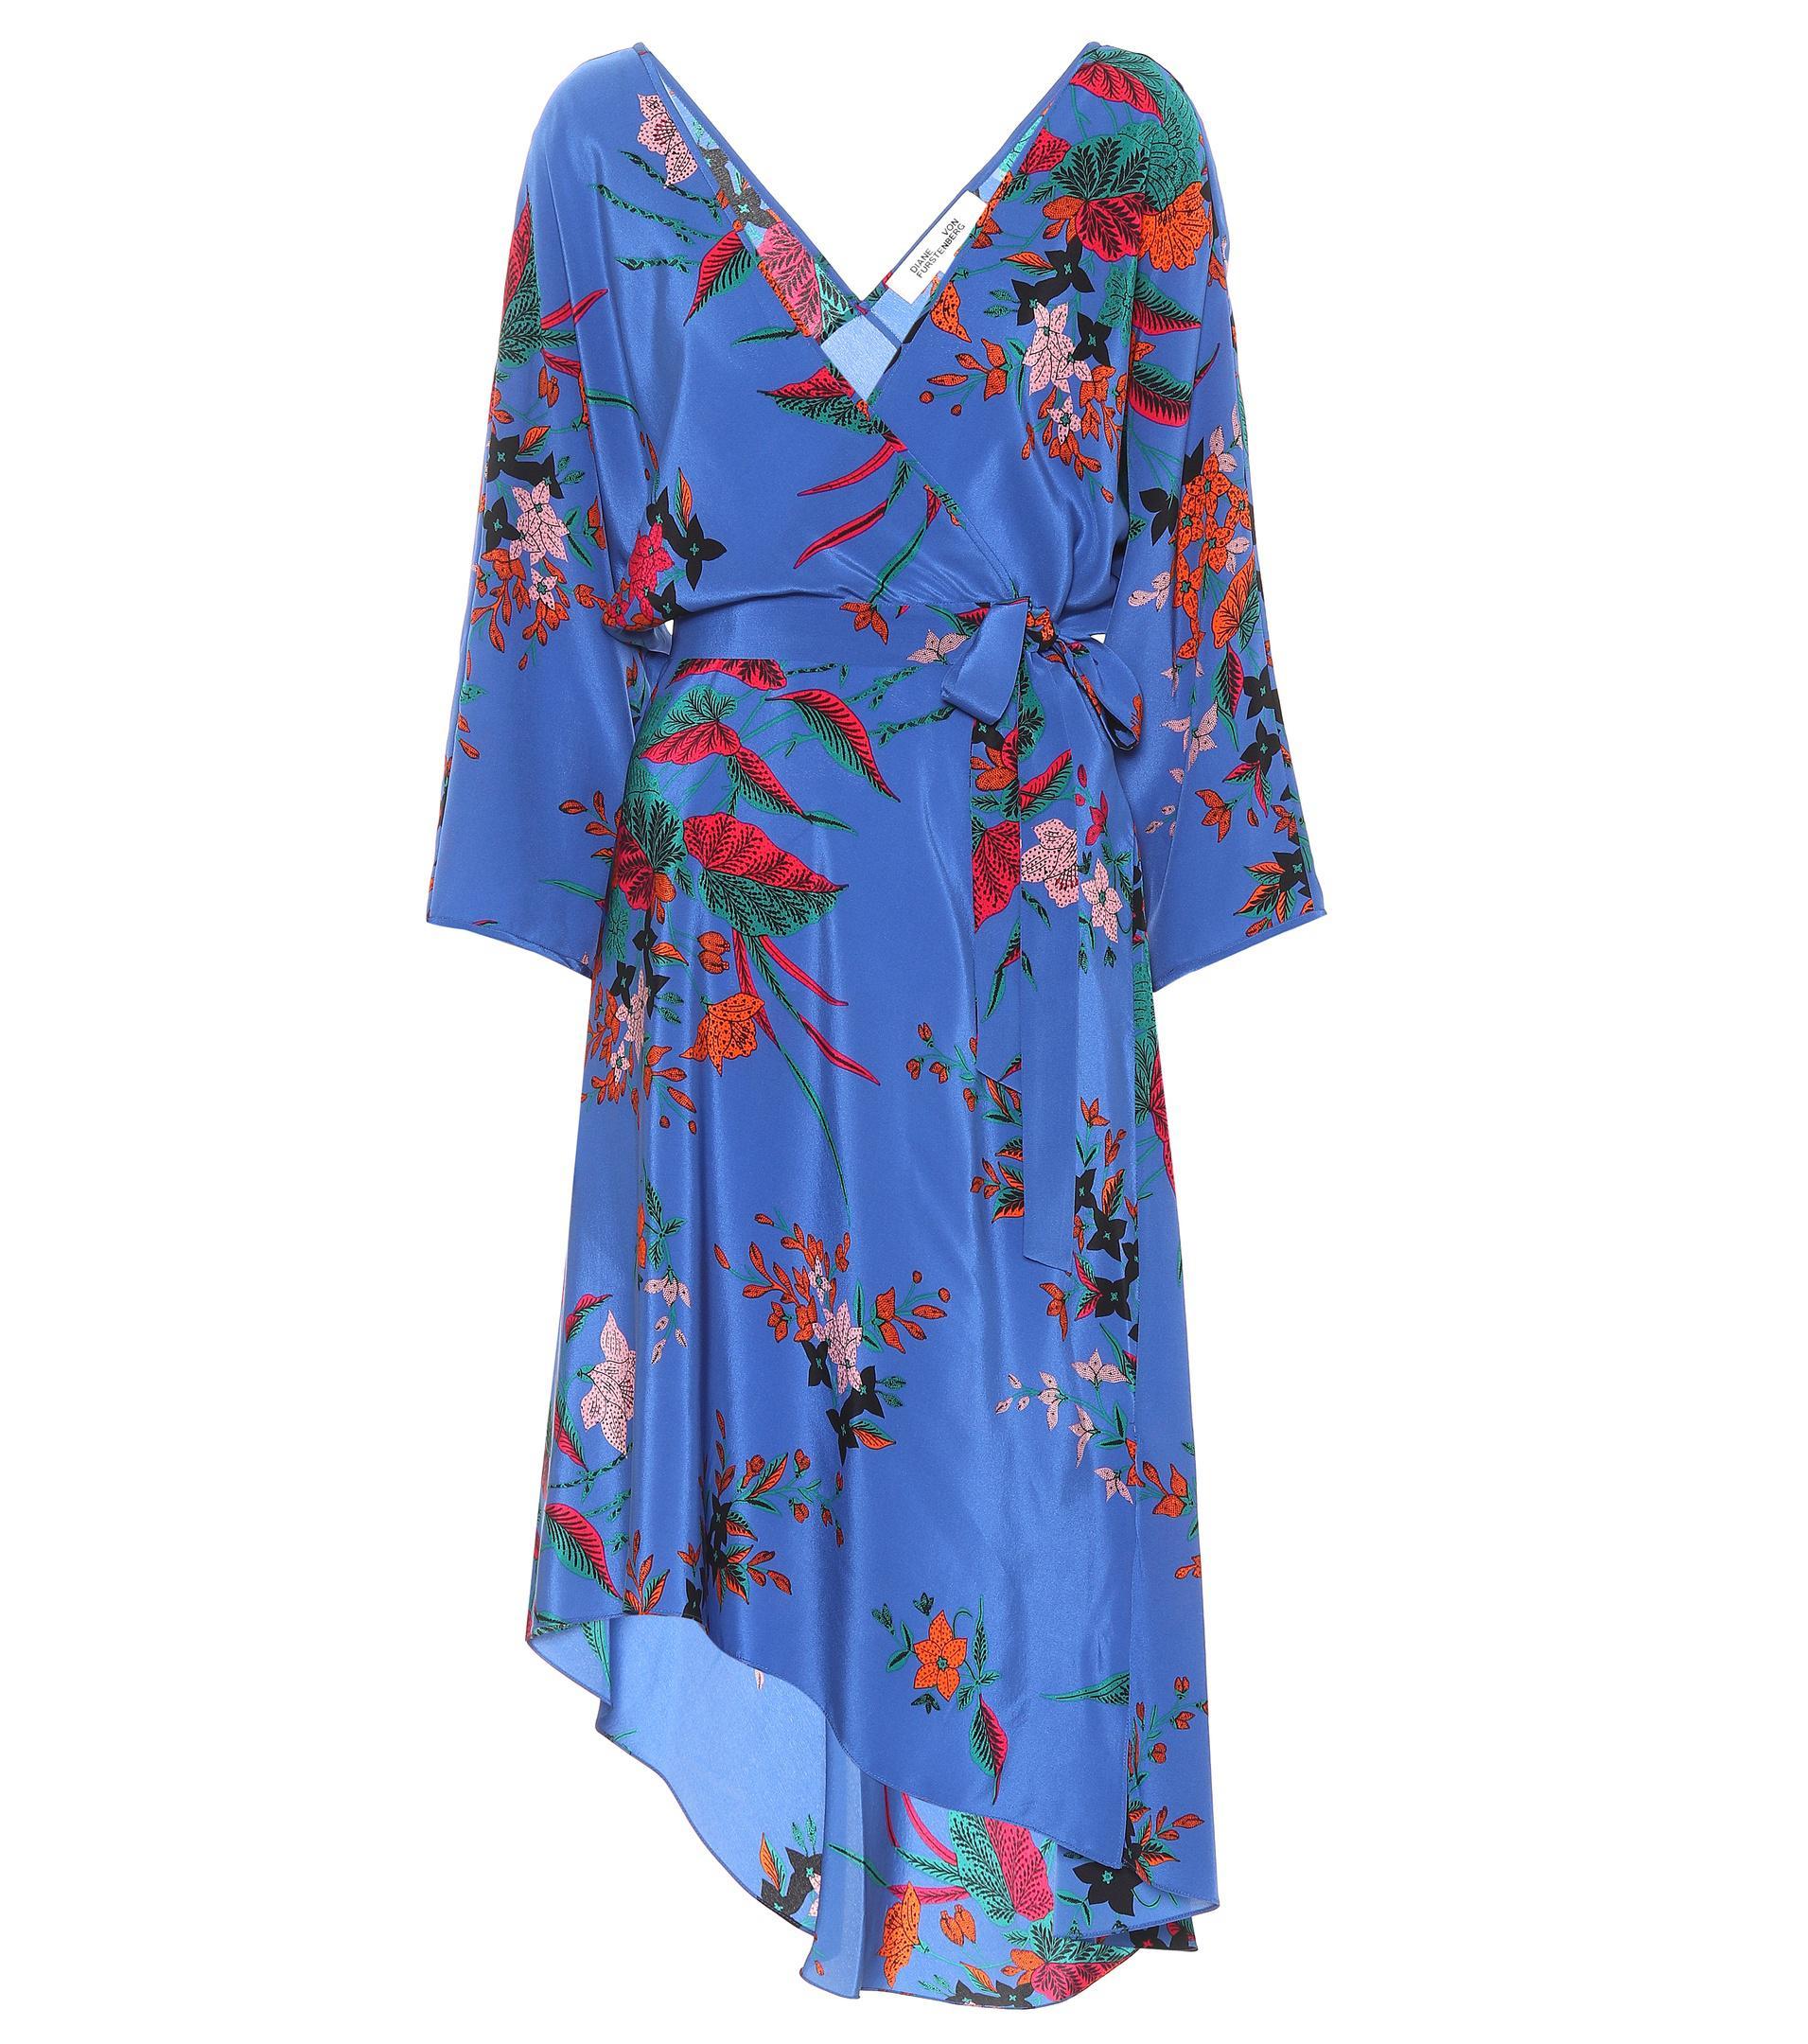 0cb1bcc35872a Diane von Furstenberg Eloise Floral-printed Silk Dress in Blue - Lyst